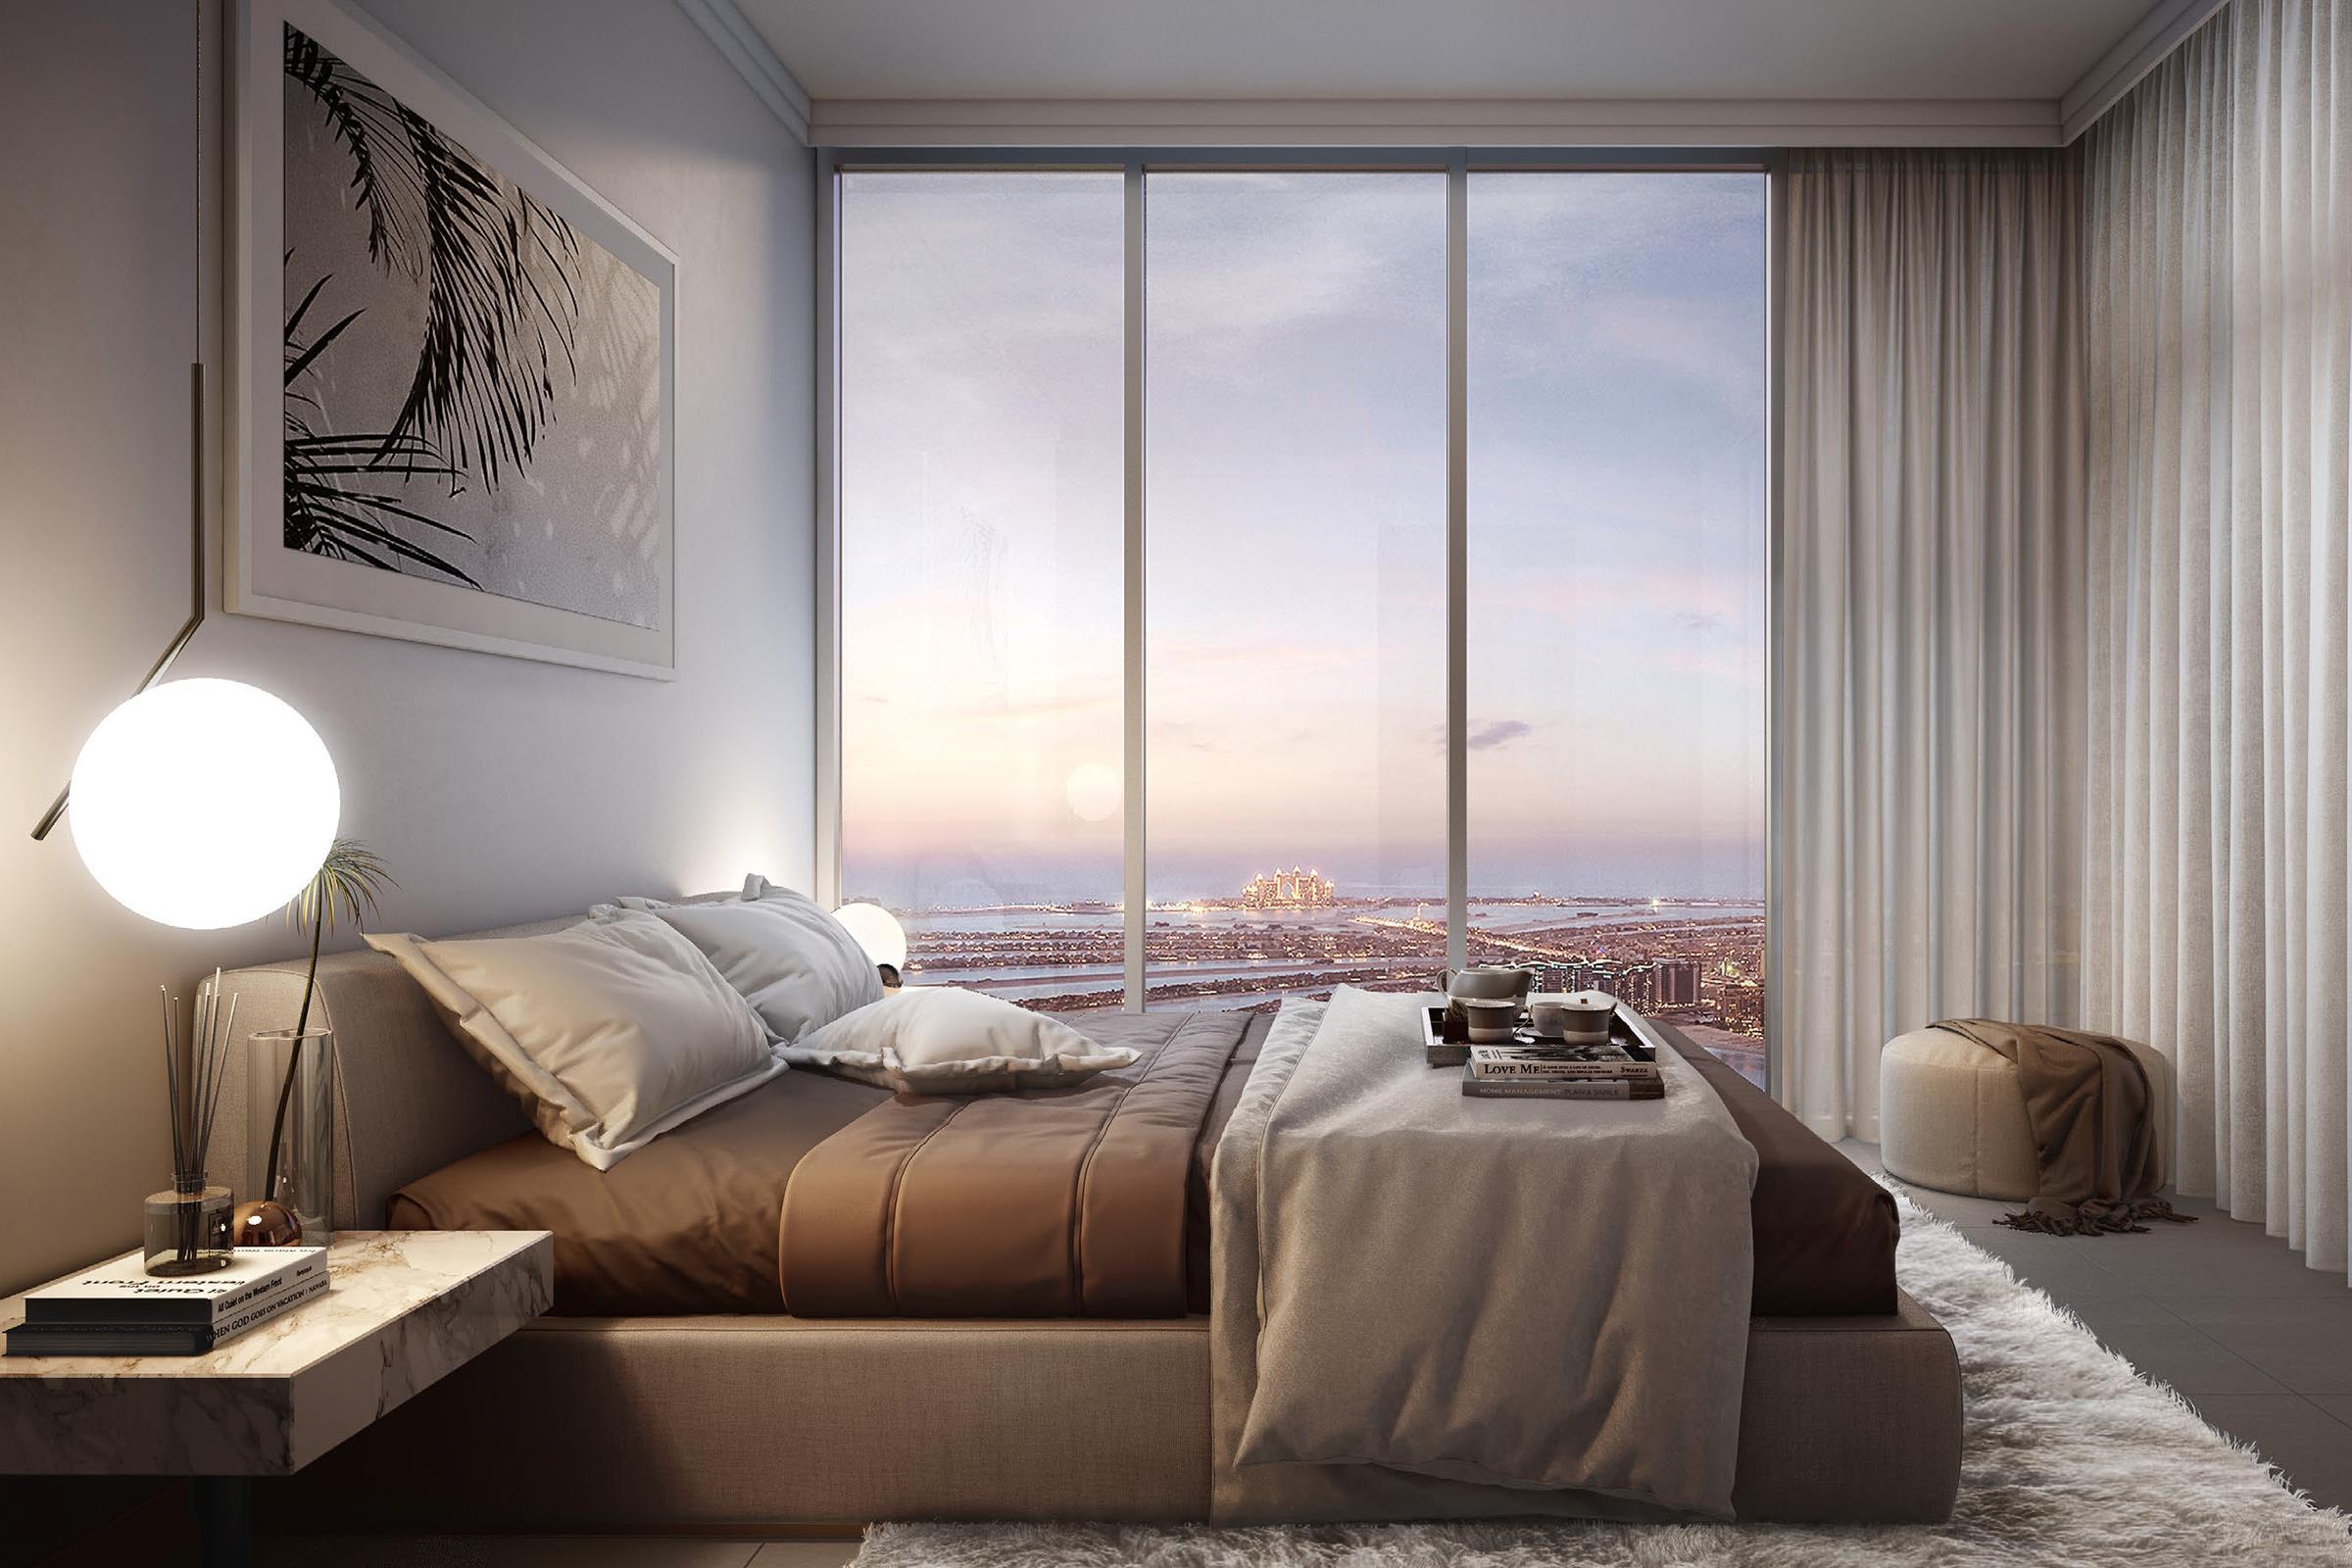 Prime Miami Style Apartment With Sea Views